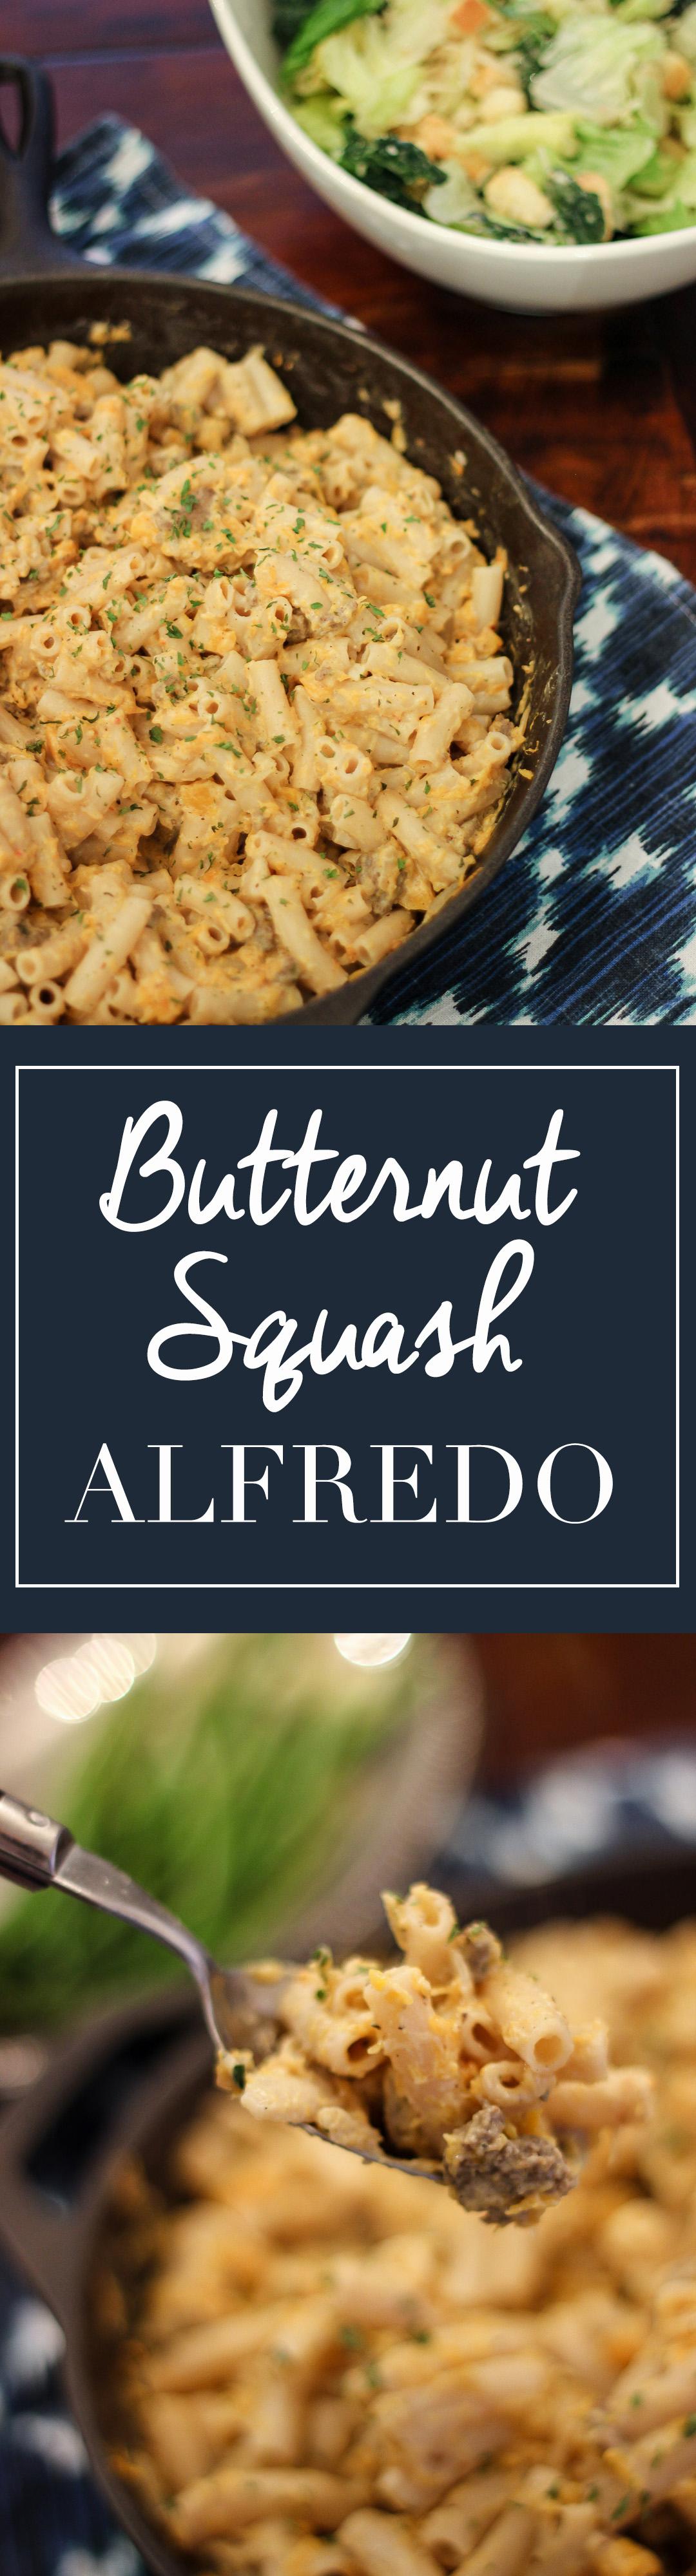 Butternut Squash Alfredo